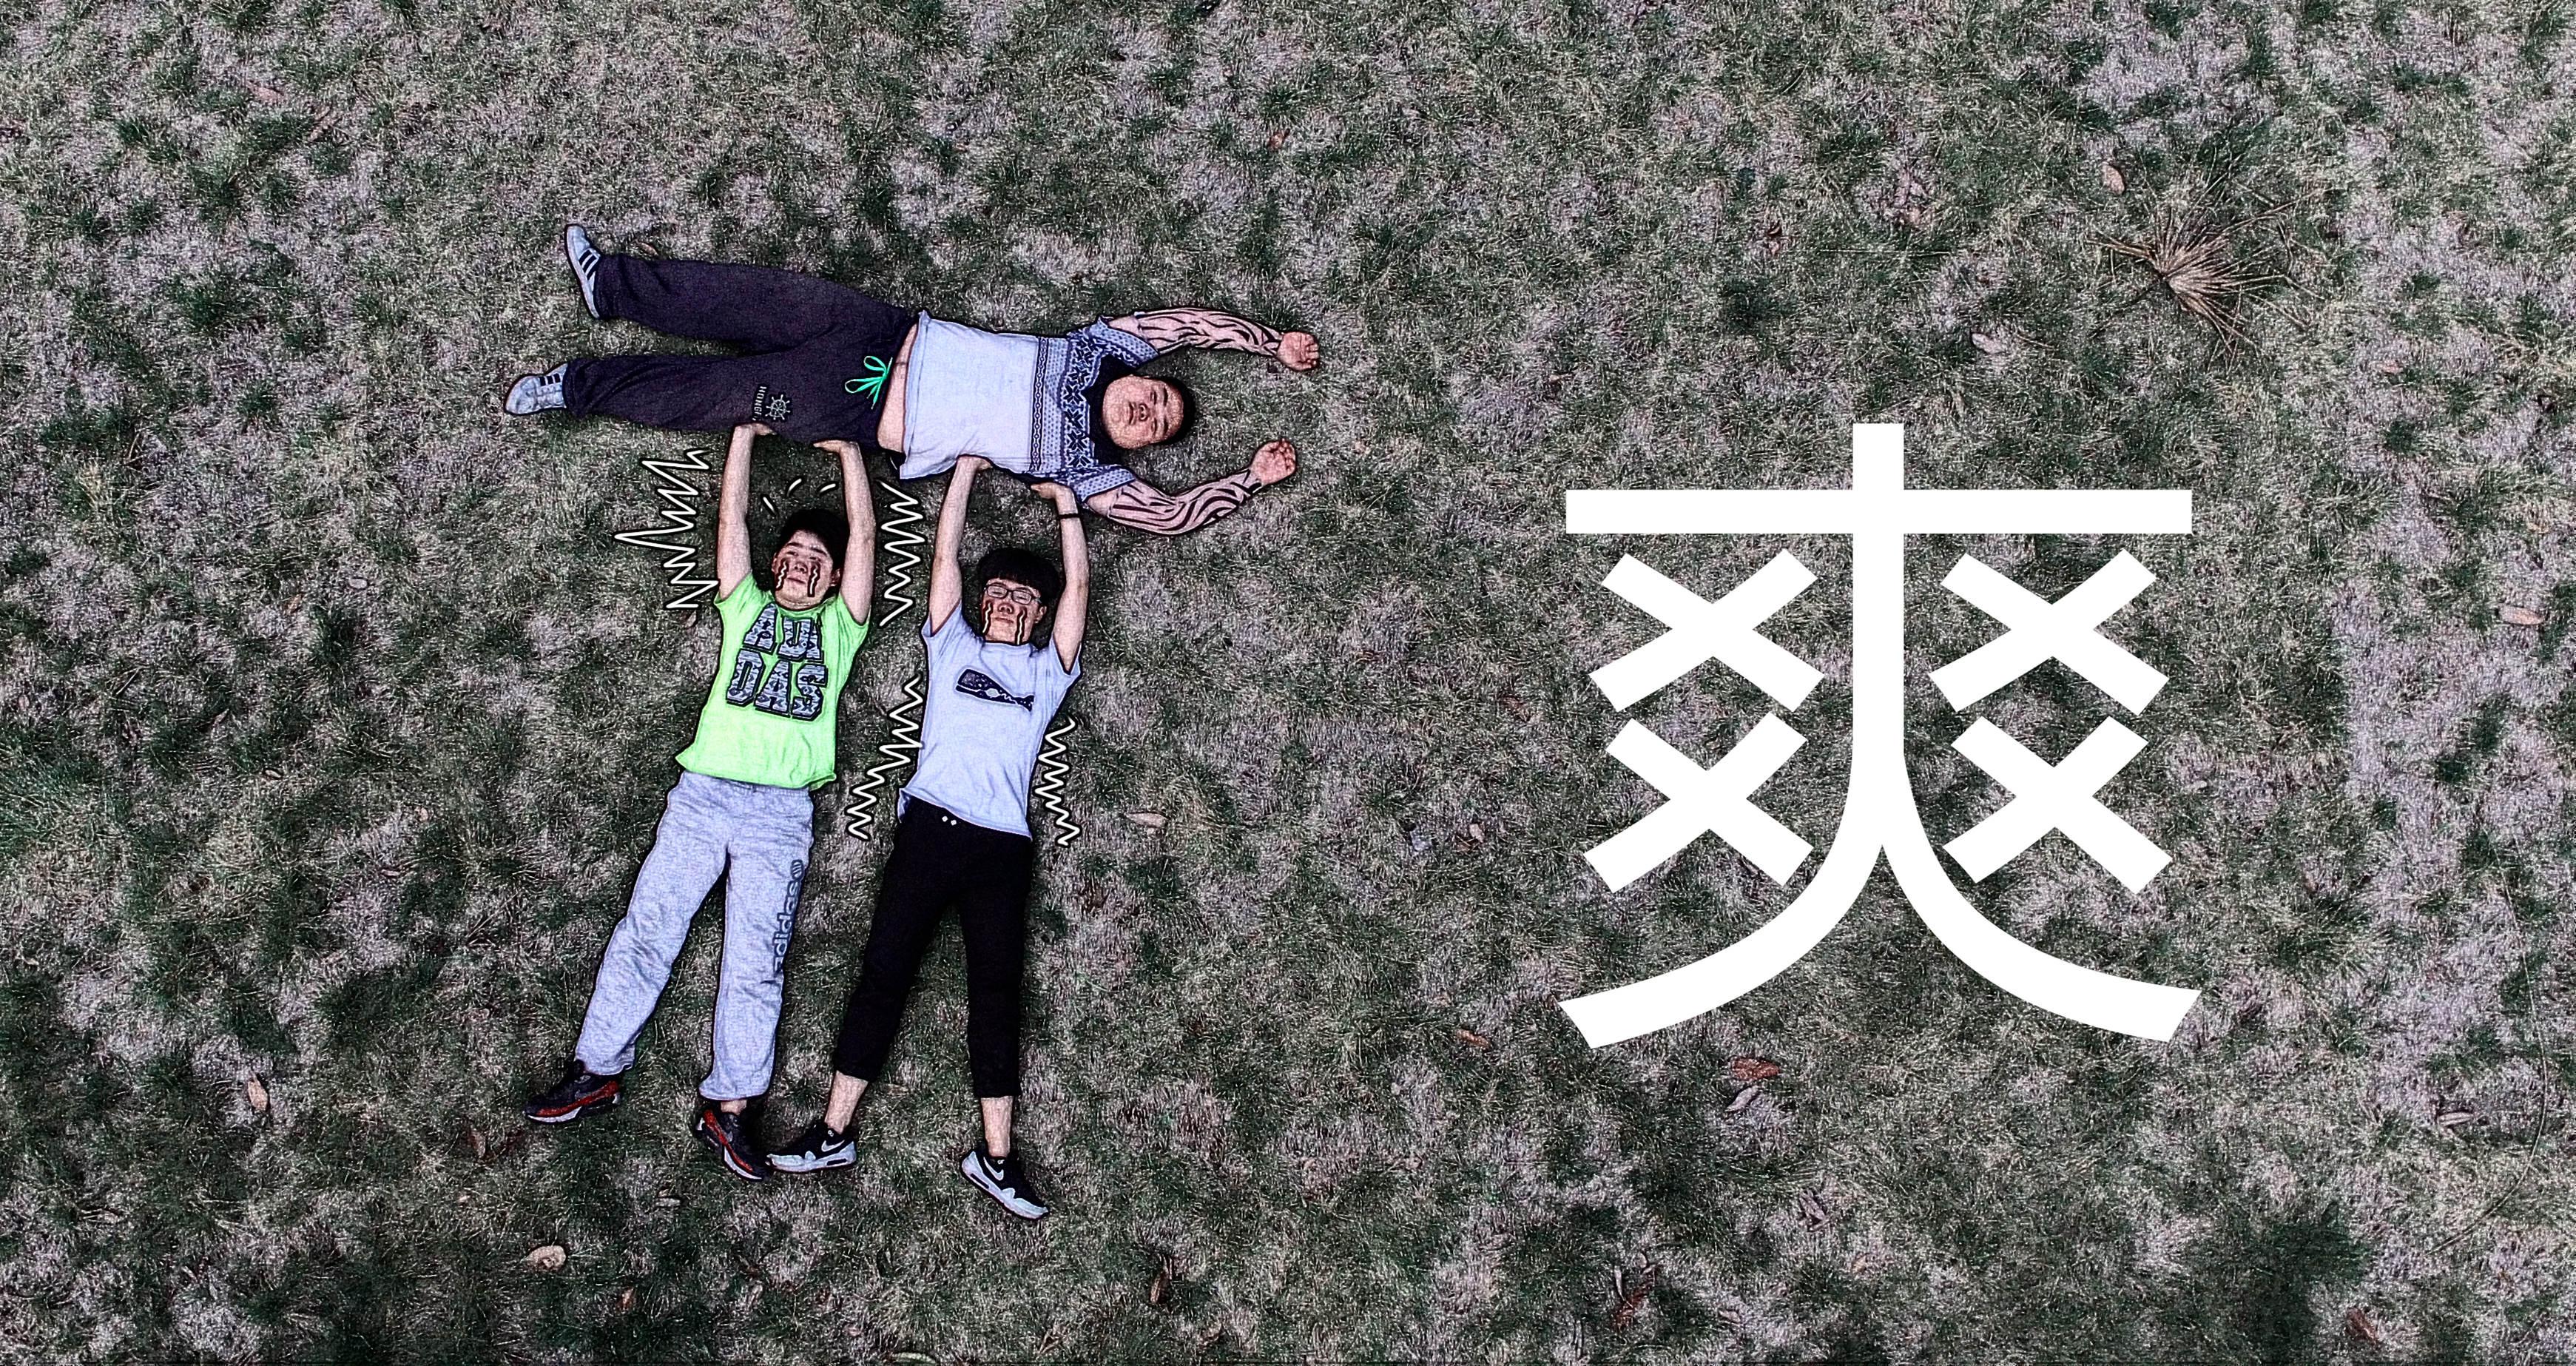 DJI_0382_副本_副本.jpg